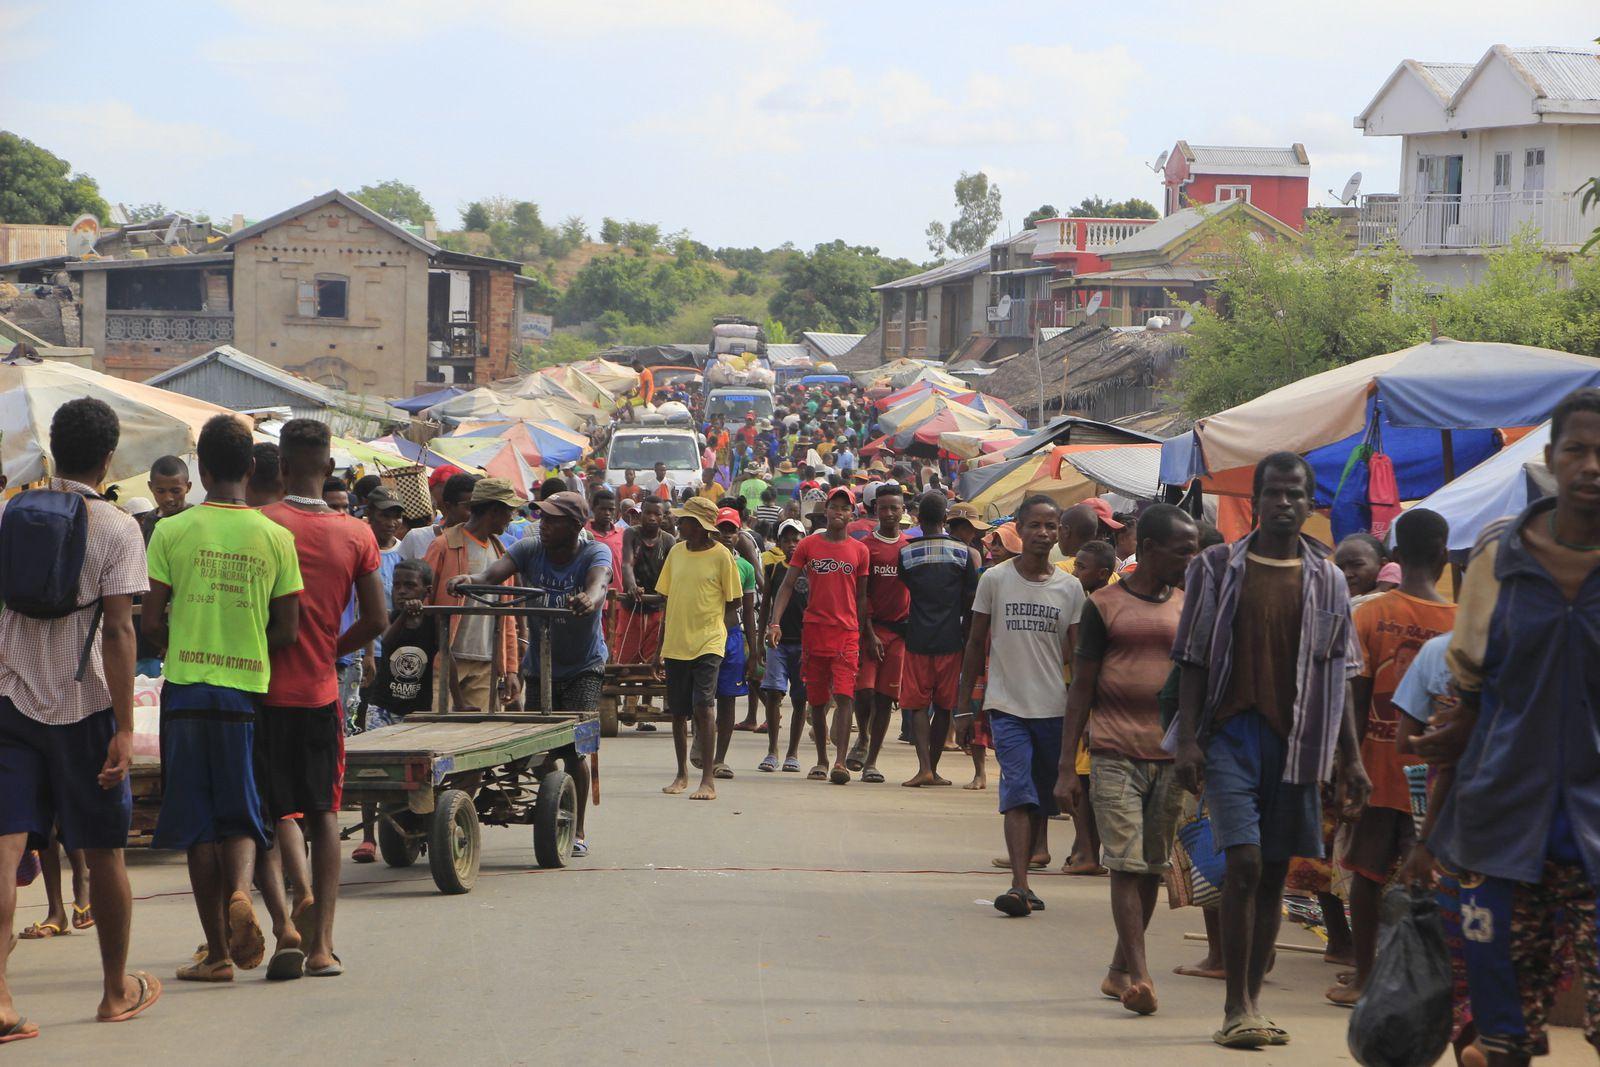 COMPTE-RENDU DU VOYAGE À MADAGASCAR DU 1er au 23 DÉCEMBRE 2019. HÉLÈNE ET PATRICK P ET ALAIN S (deuxième partie)